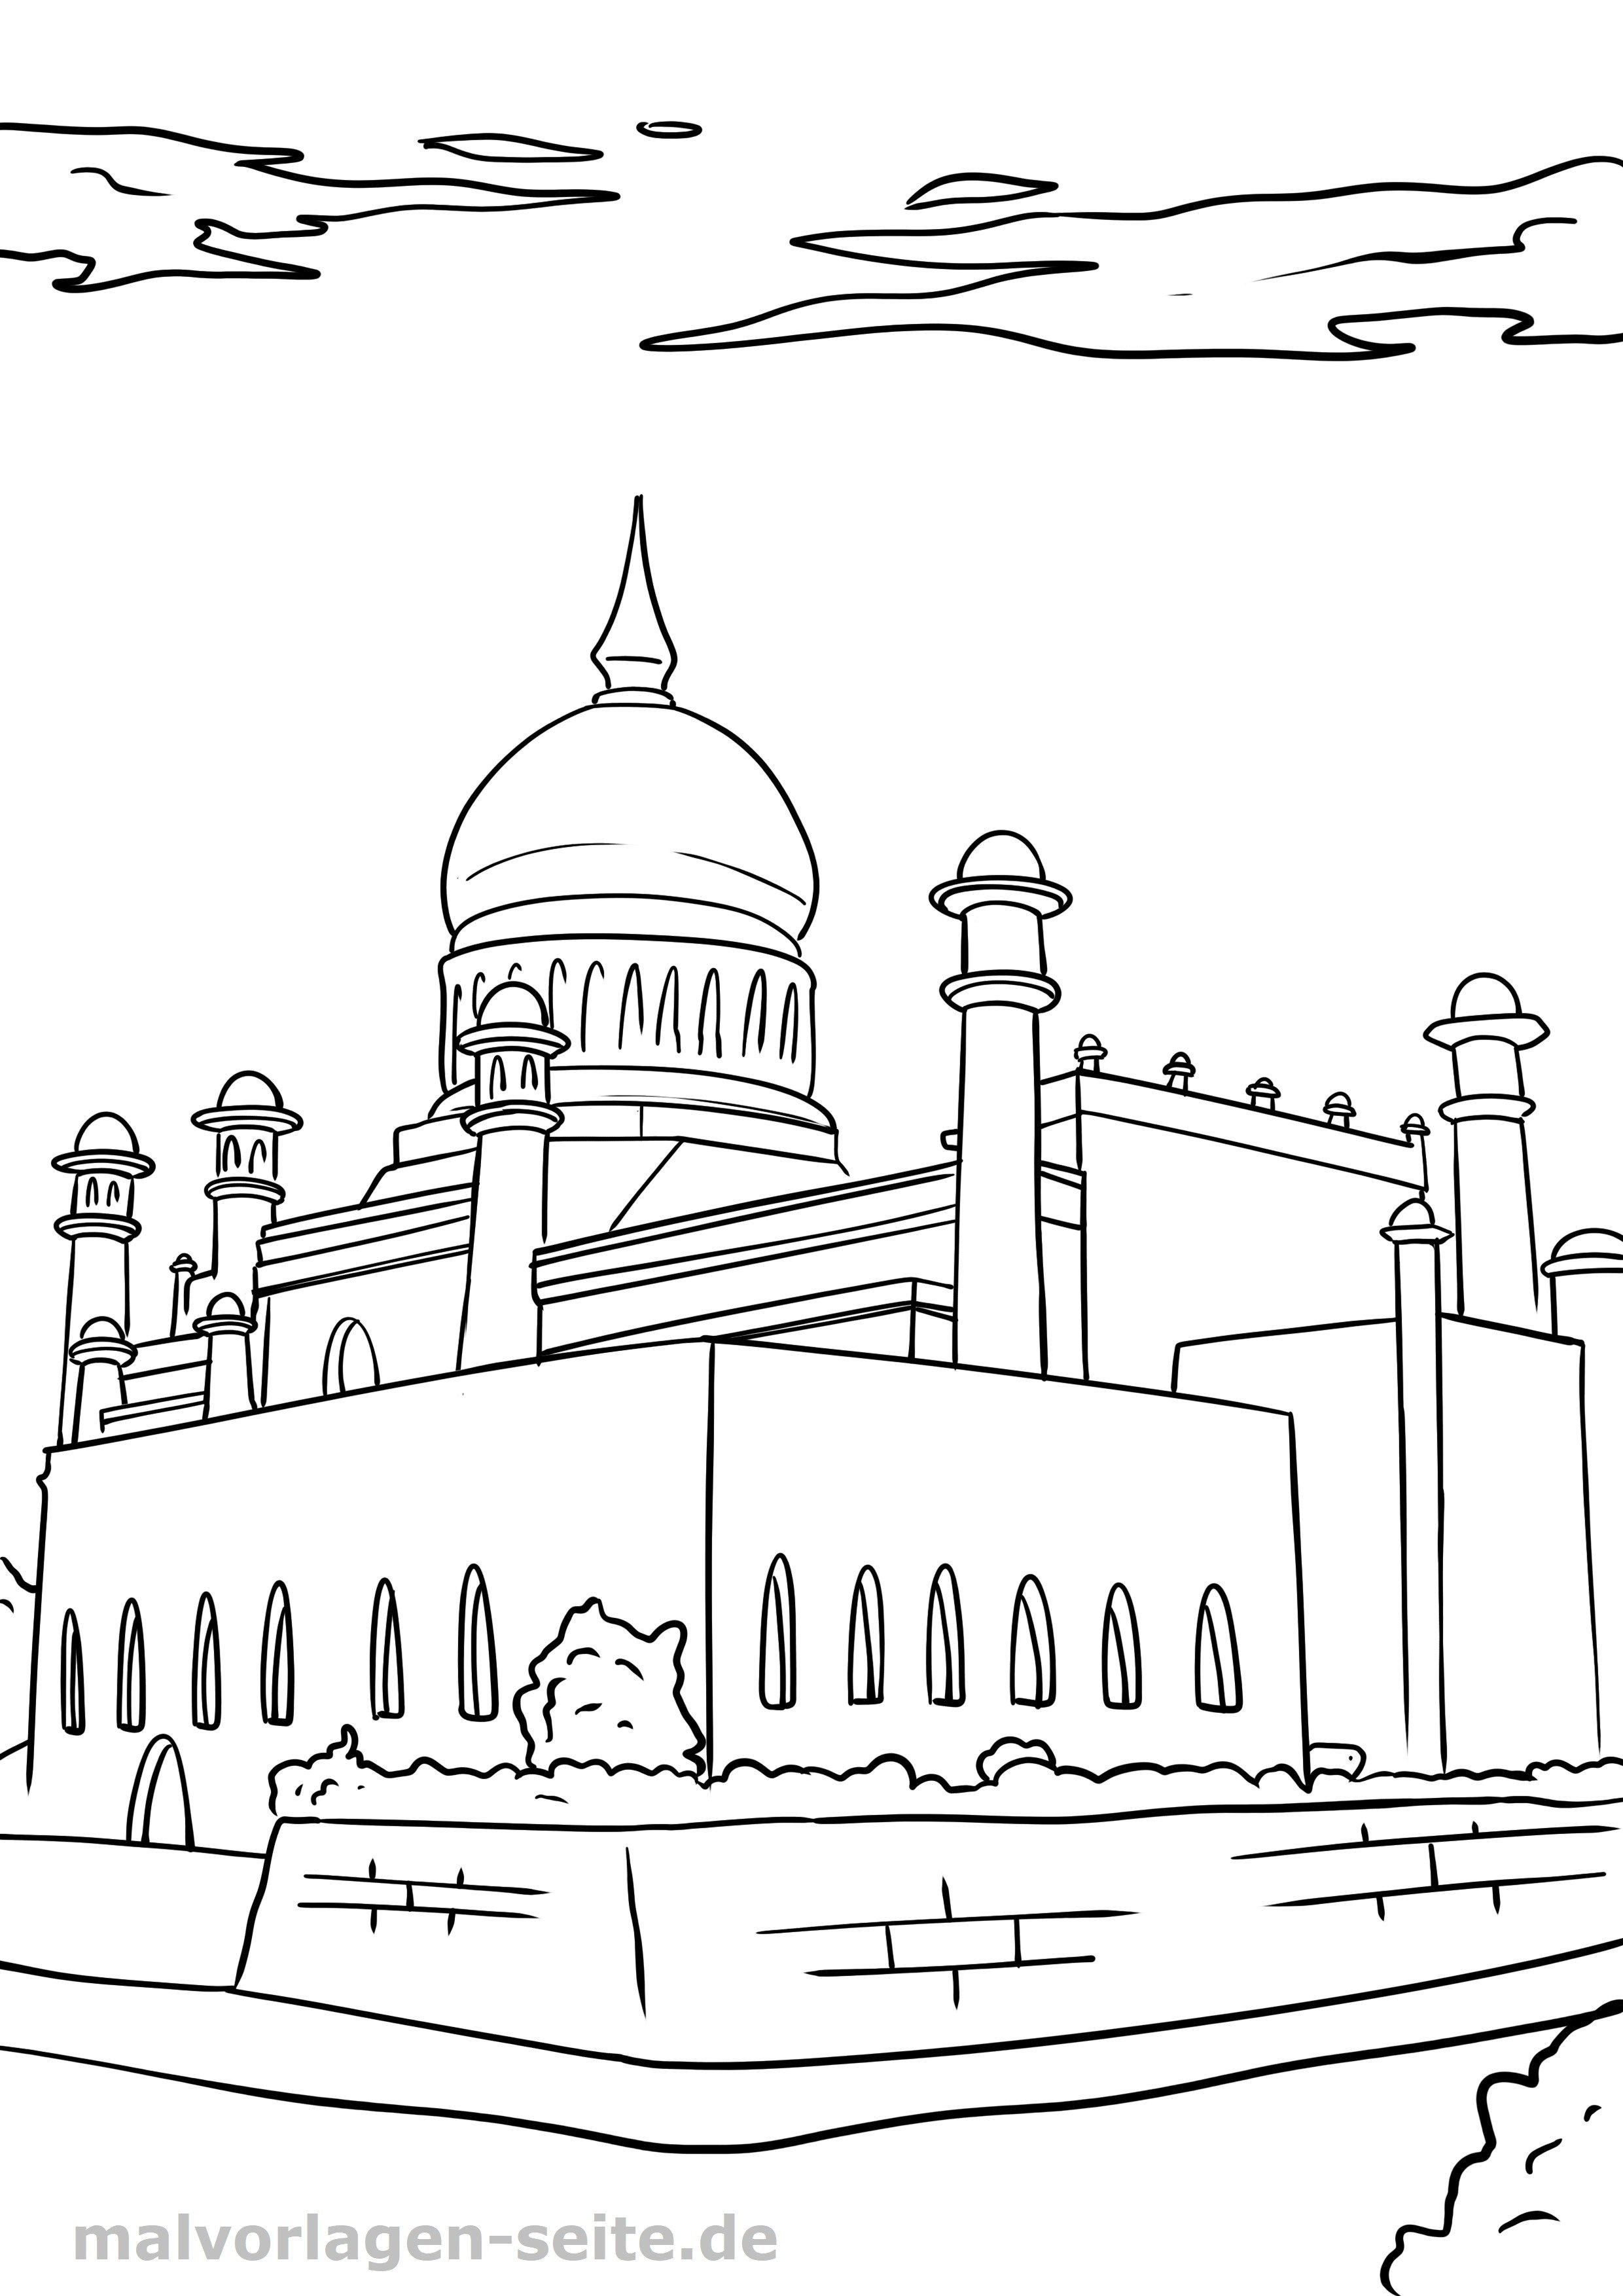 malvorlage religion - islam - kostenlose ausmalbilder